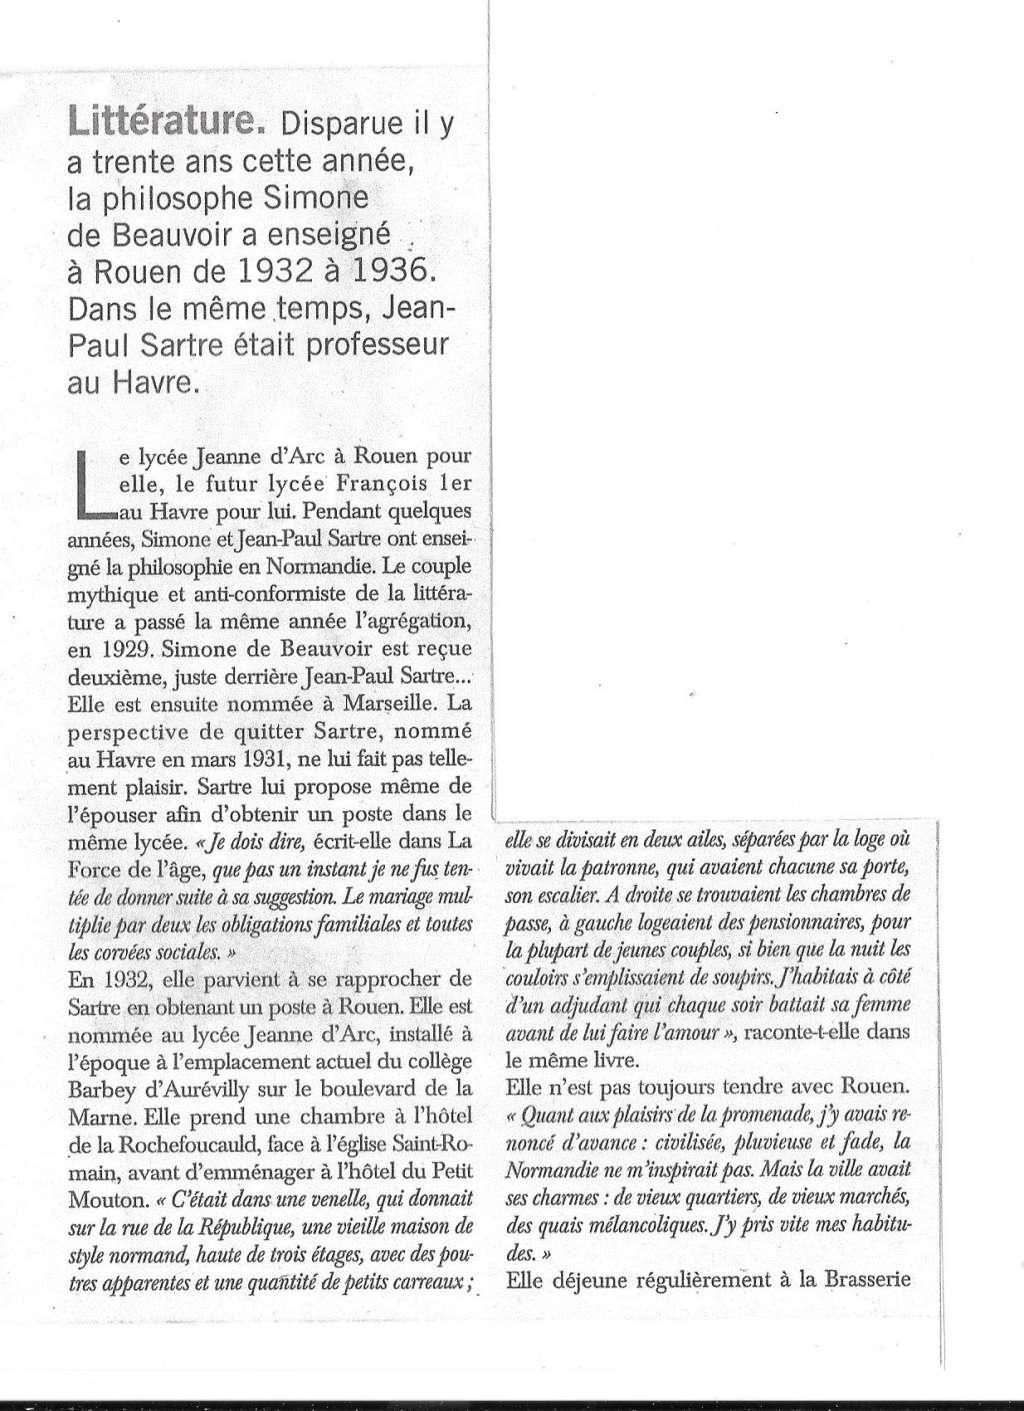 Simone de Beauvoir à Rouen 318